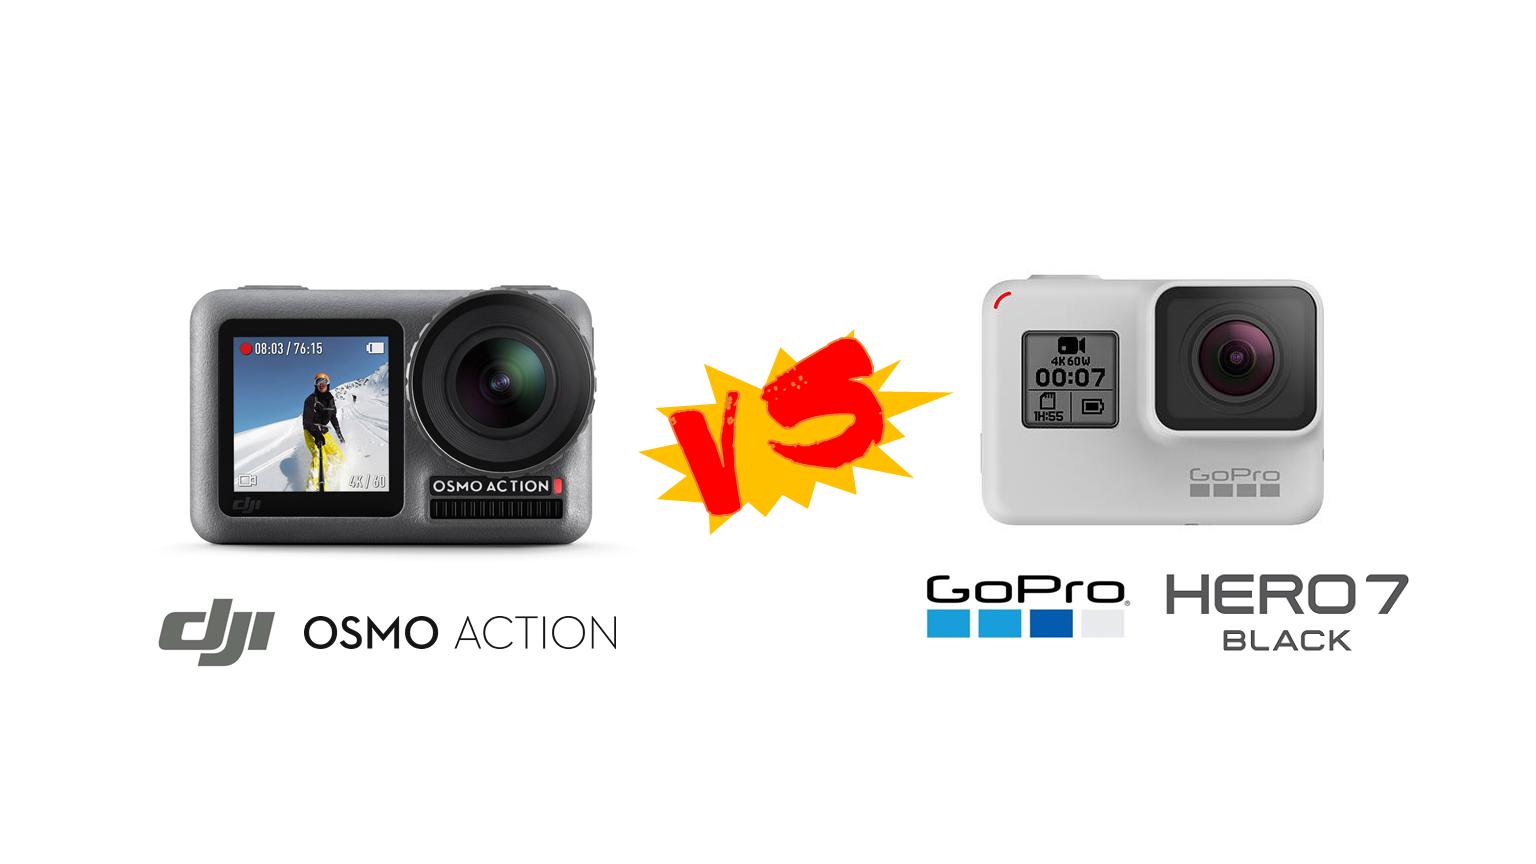 เทียบ DJI Osmo Action กับ GoPro Hero 7 Back สำหรับผมแล้ว คิดว่ายังไง 1